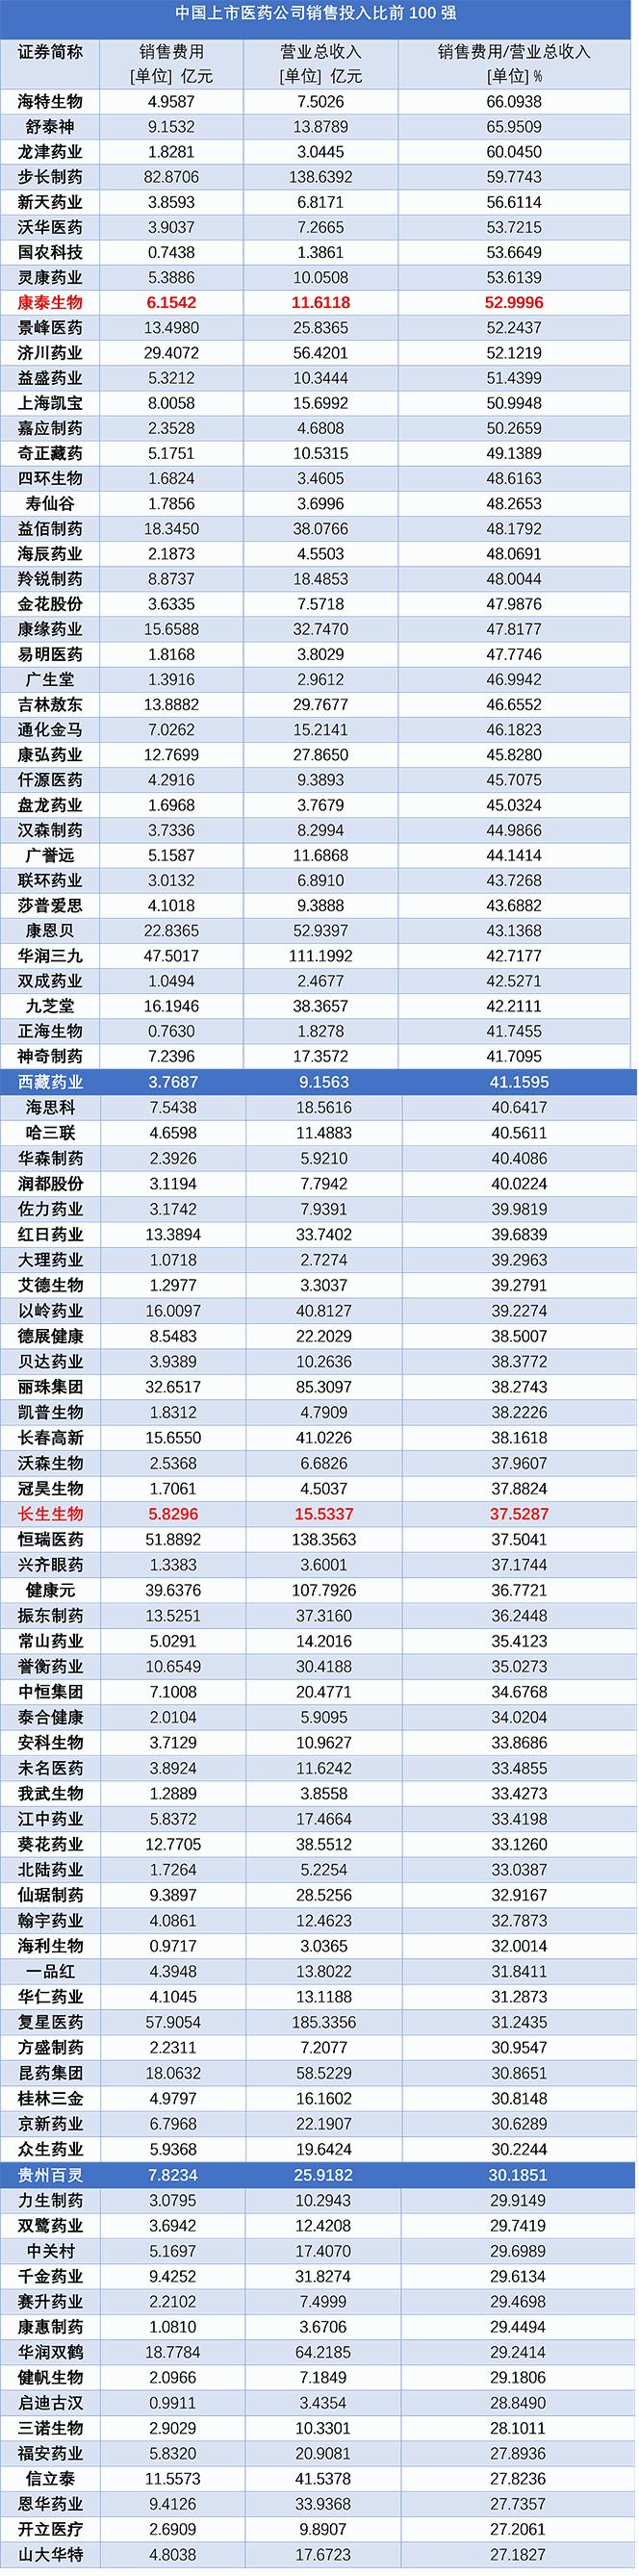 上市药企重视销售100强凤凰网财经整理